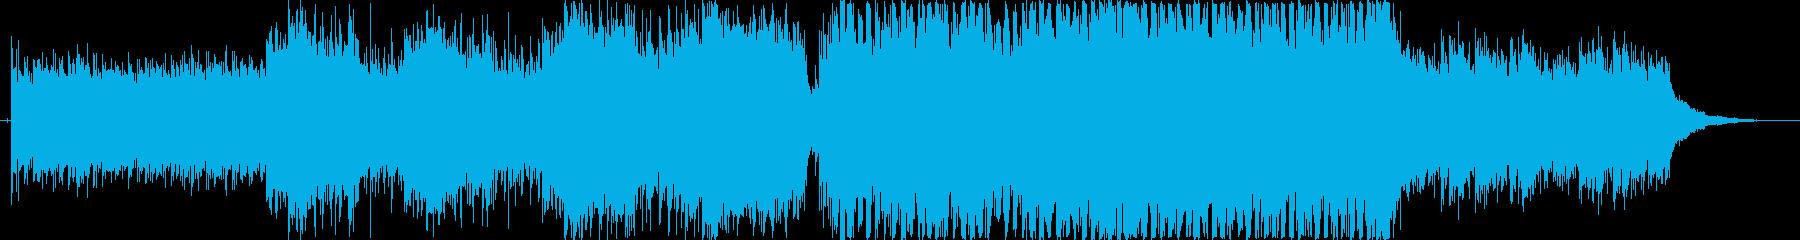 高揚感のあるEDM調ピアノダンス曲の再生済みの波形